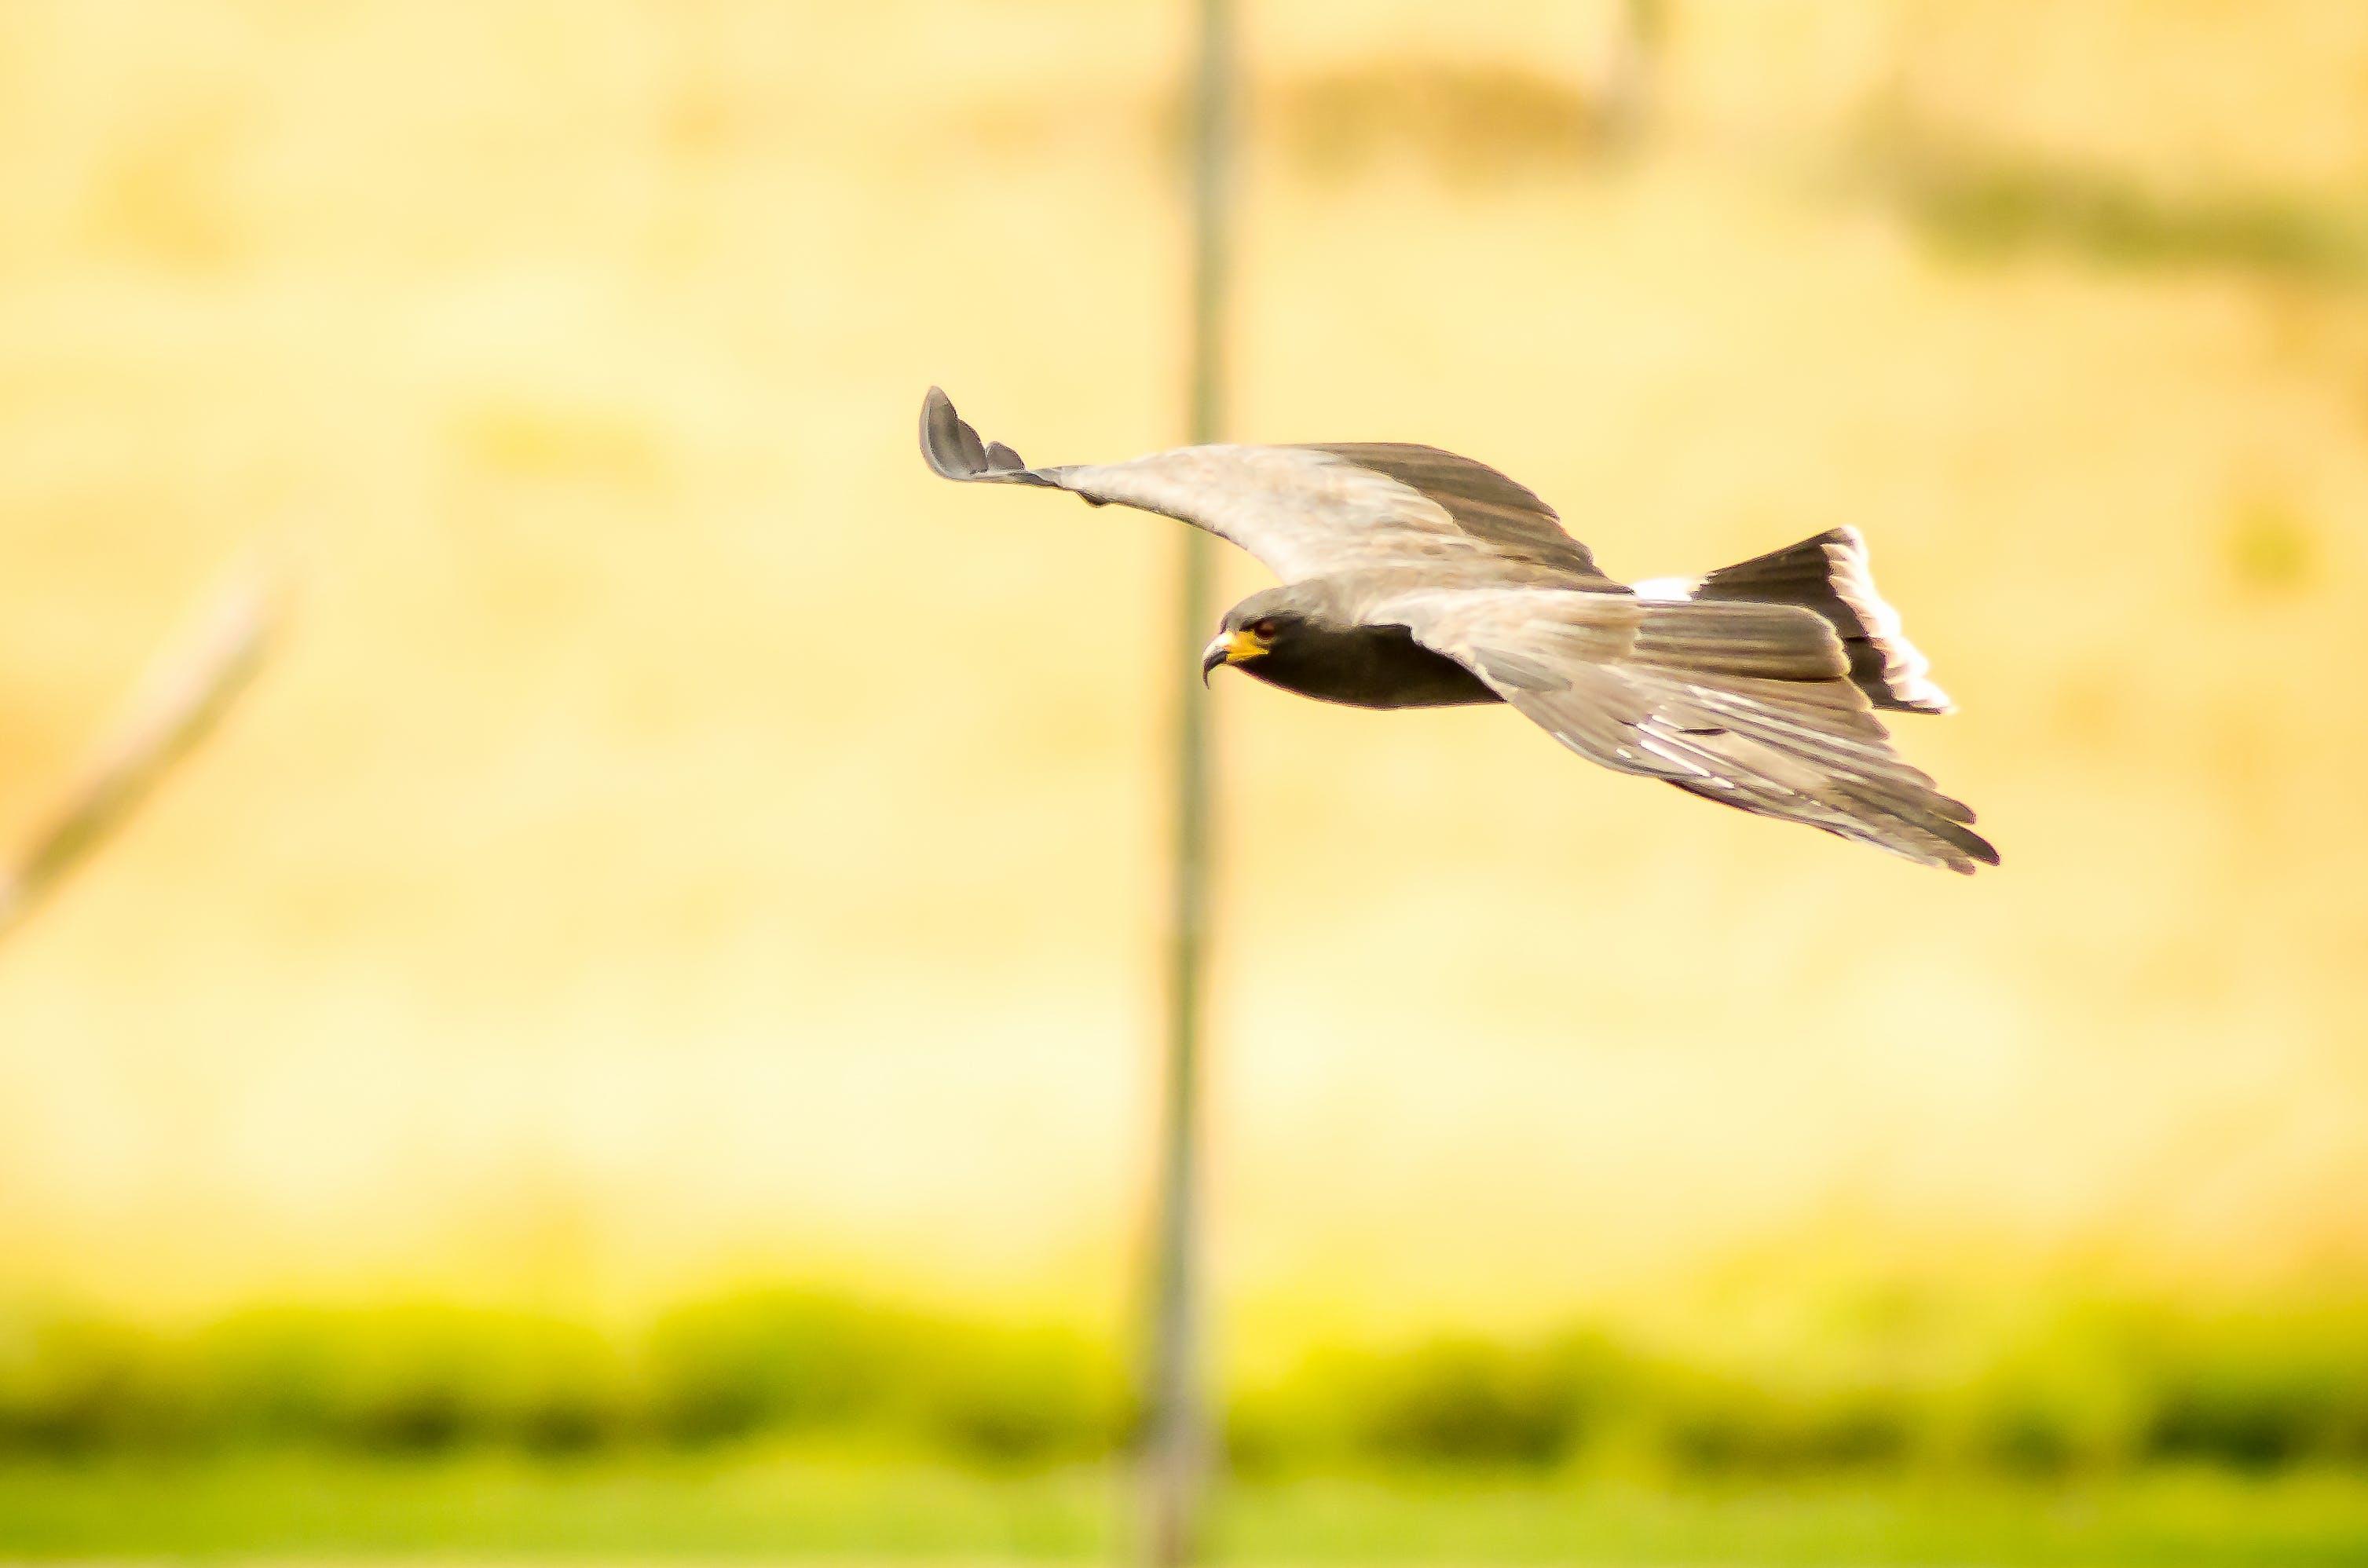 Free stock photo of flight, bird, flying, animal